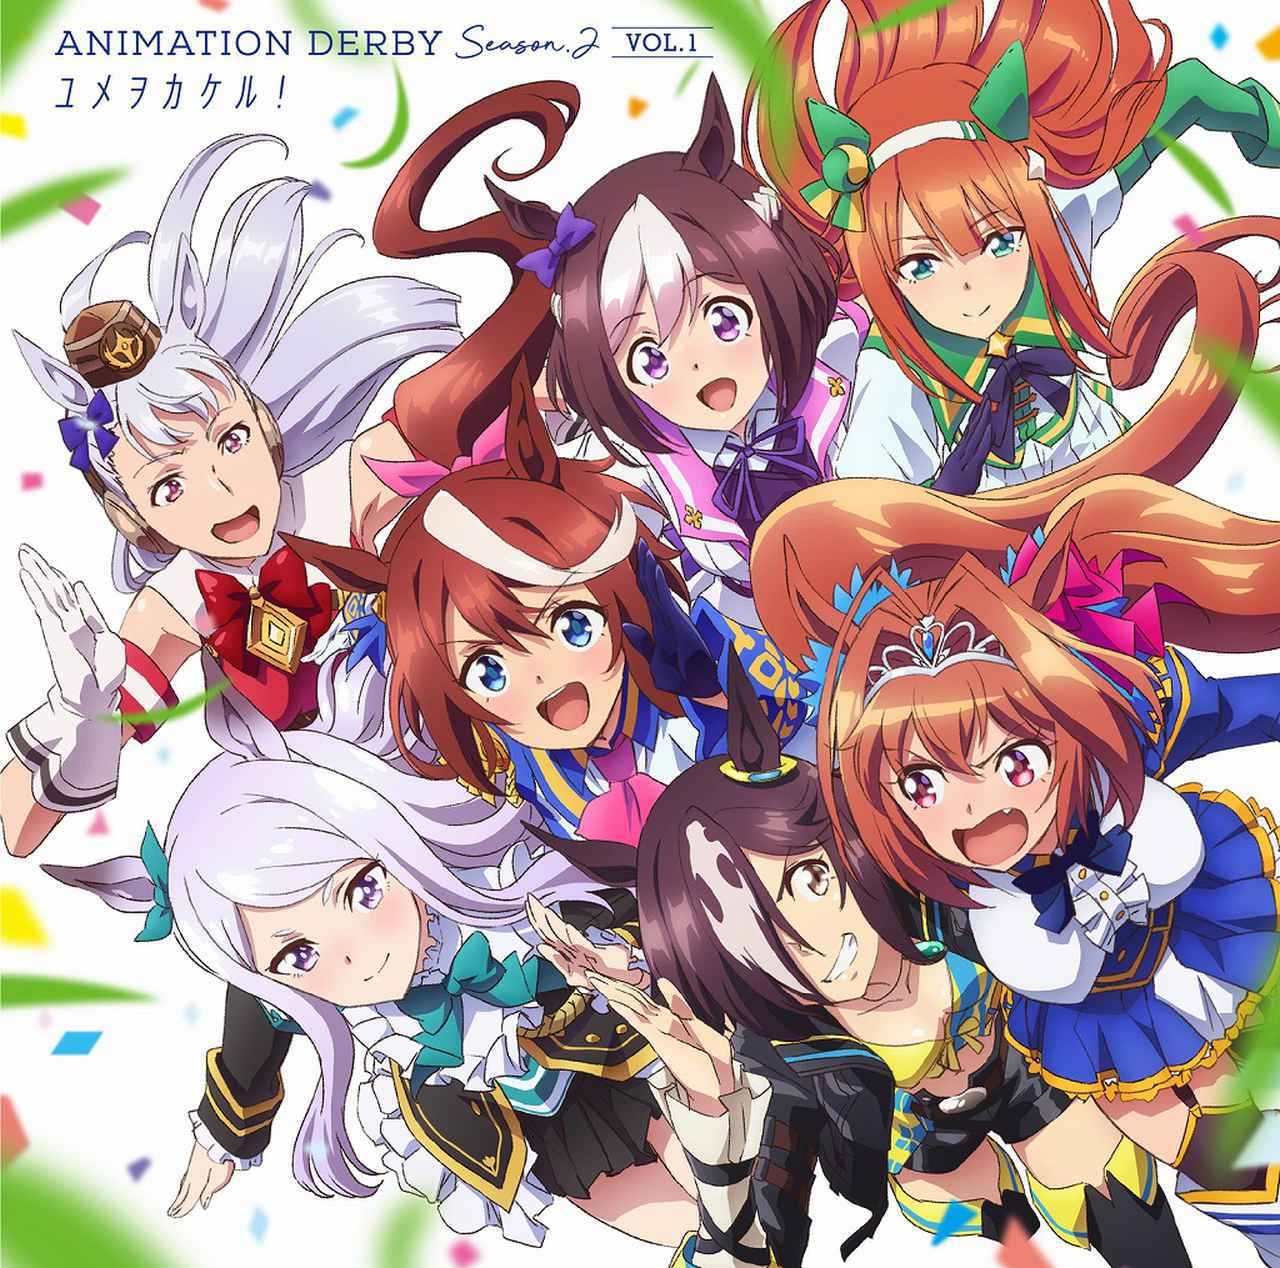 画像: TVアニメ『ウマ娘 プリティーダービー Season 2』ANIMATION DERBY Season 2 vol.1 ユメヲカケル!